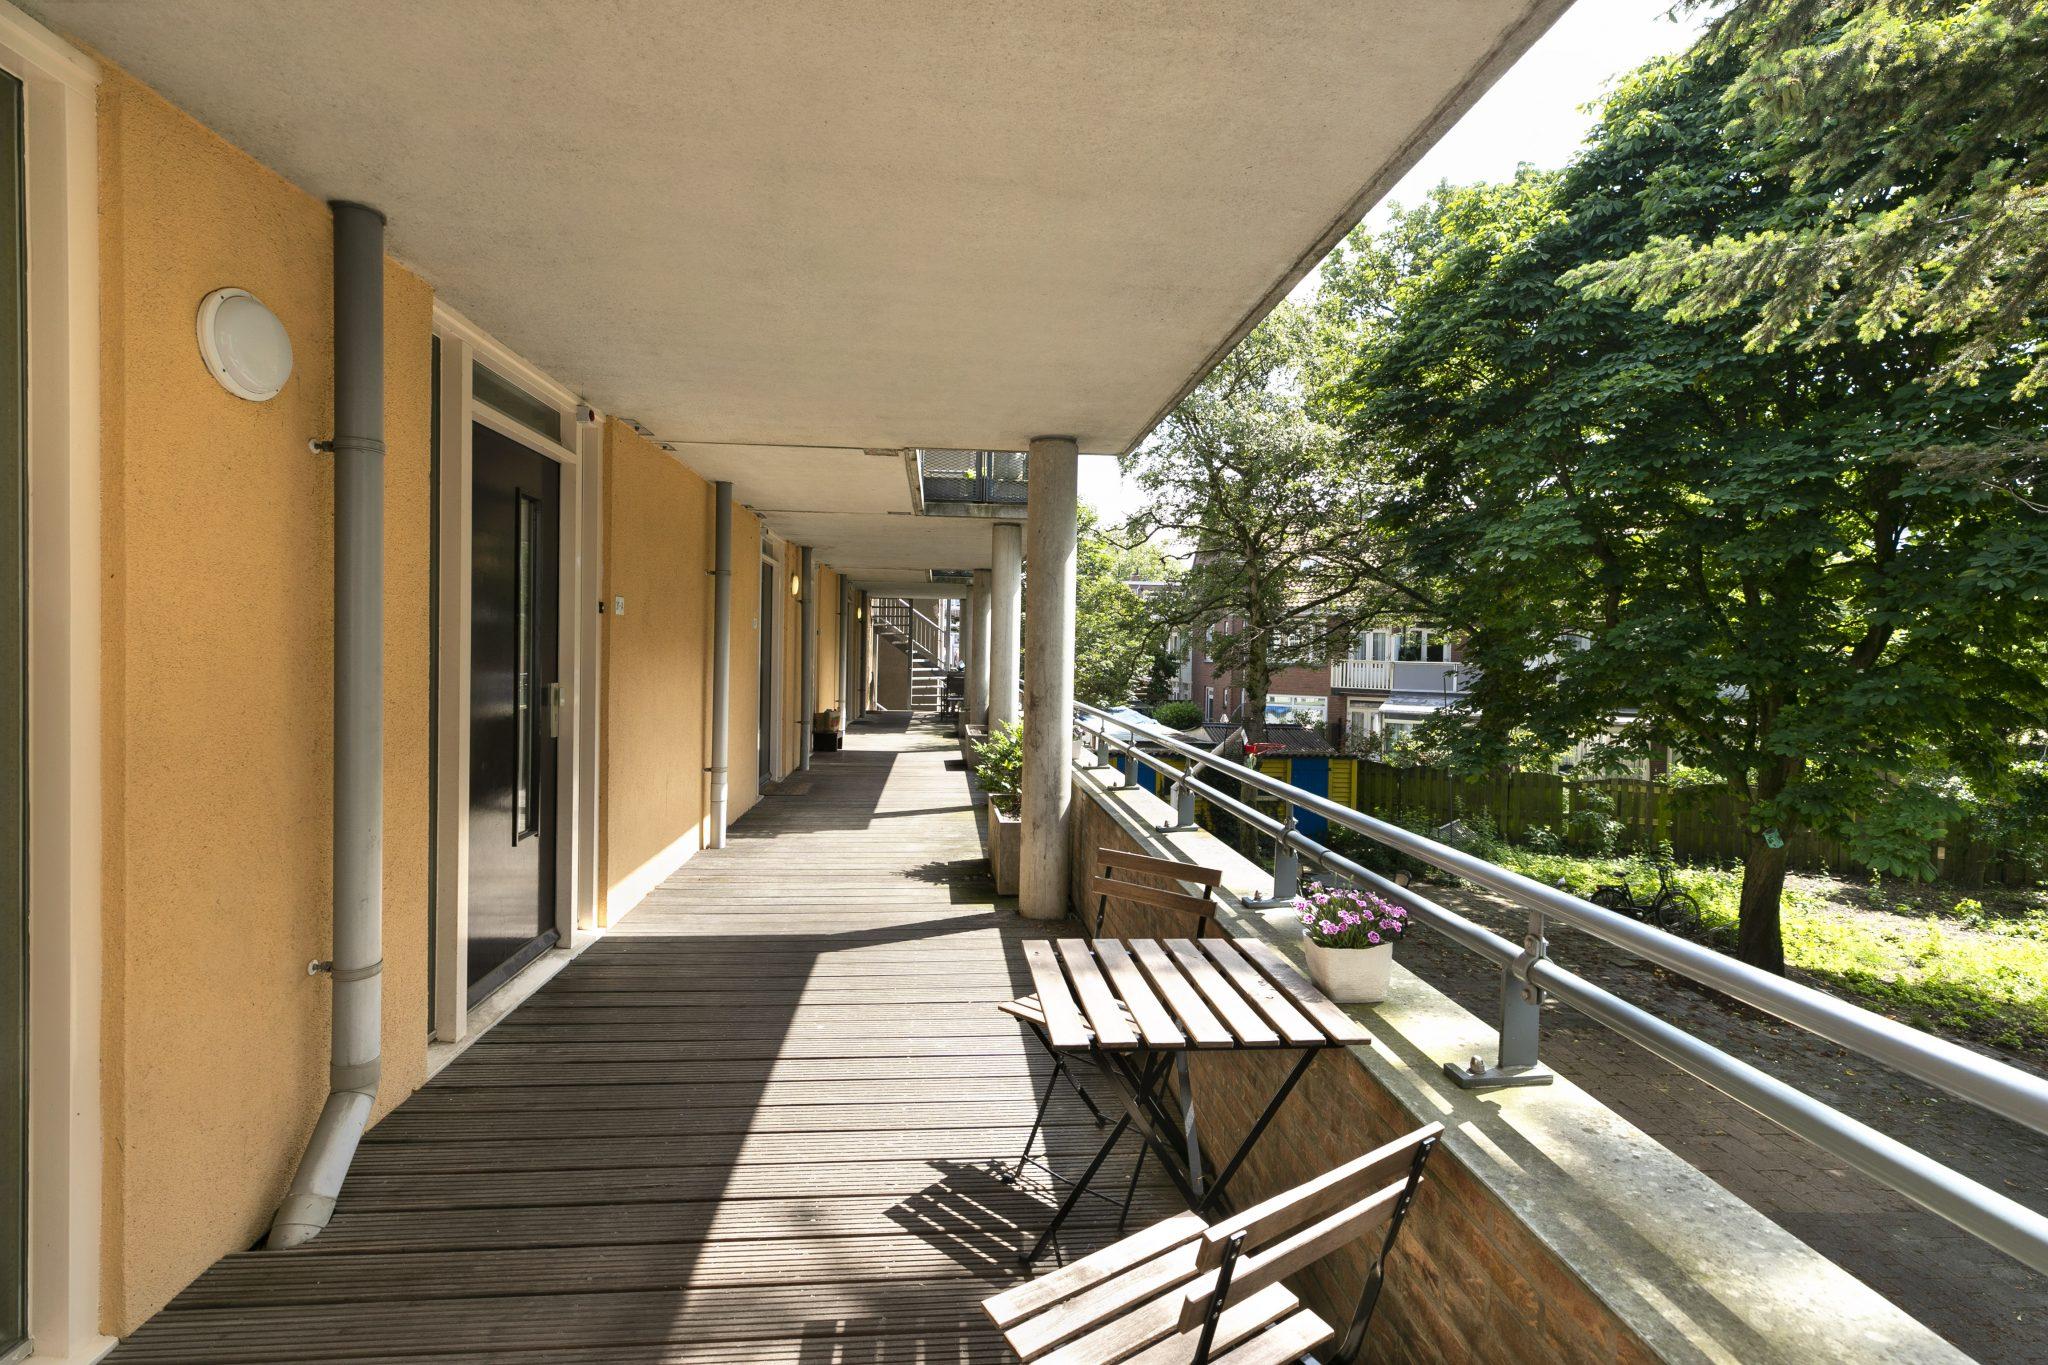 Midden in de Haagse wijk Laak